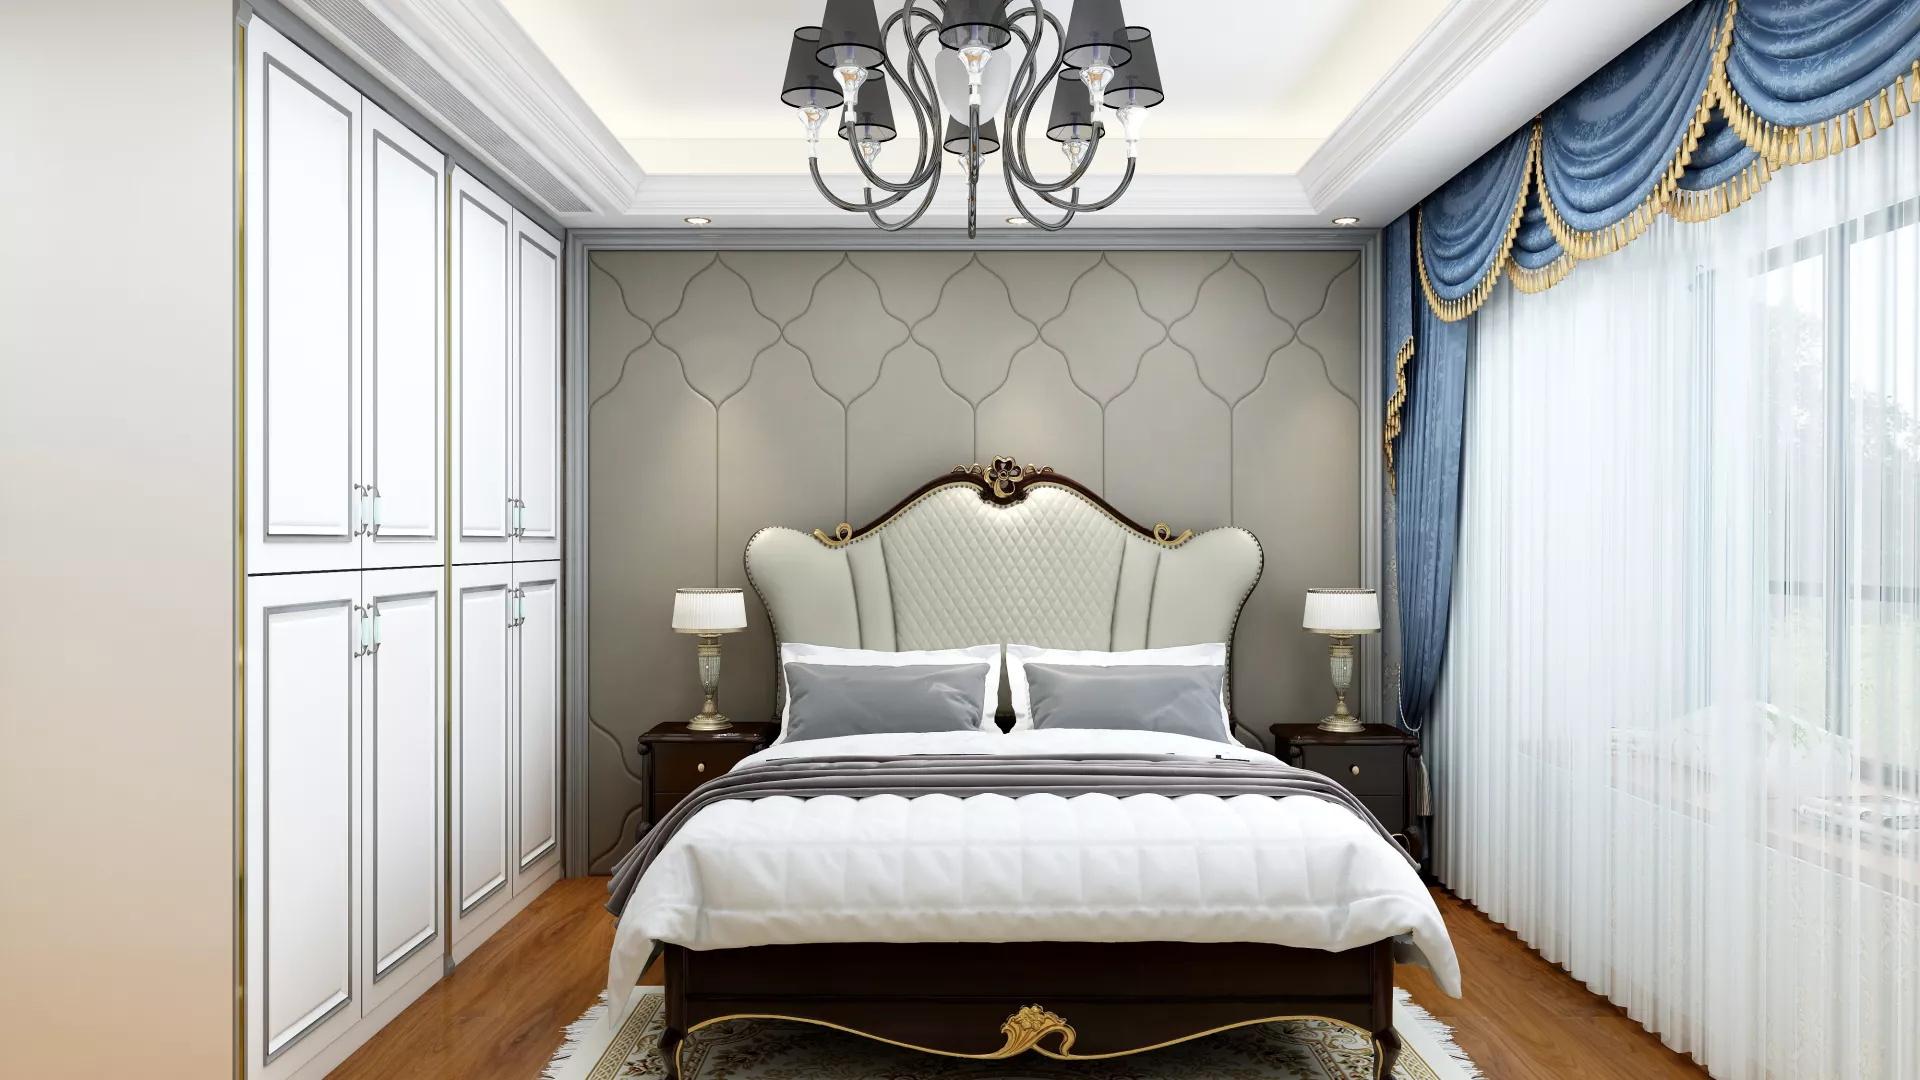 家居墙面装饰材料有什么?怎么选择家居材料?